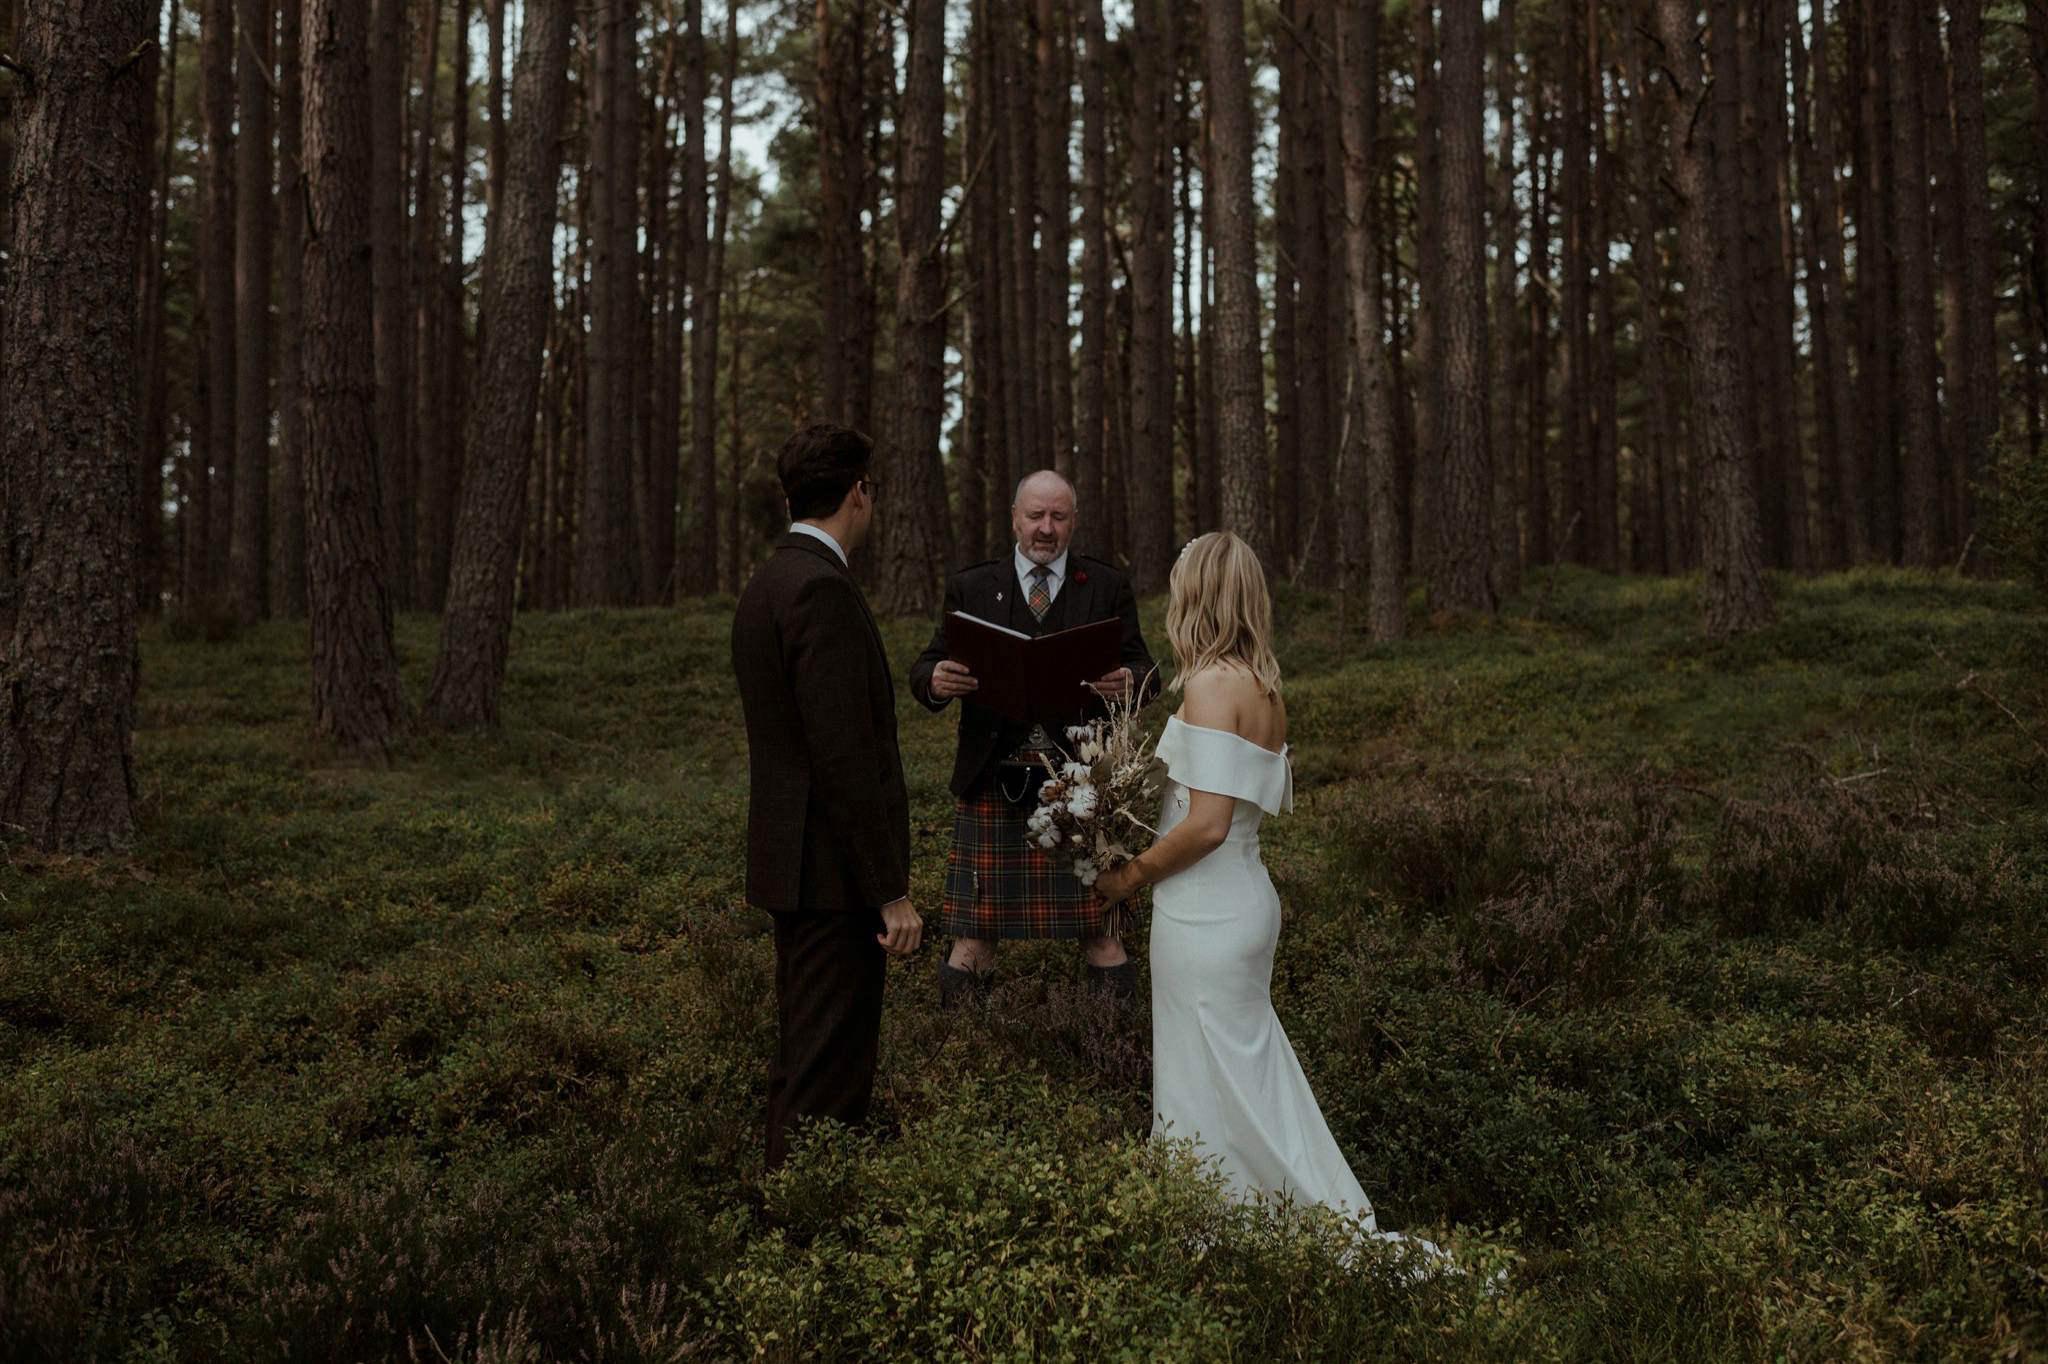 Woodland elopement ceremony at Loch Garten